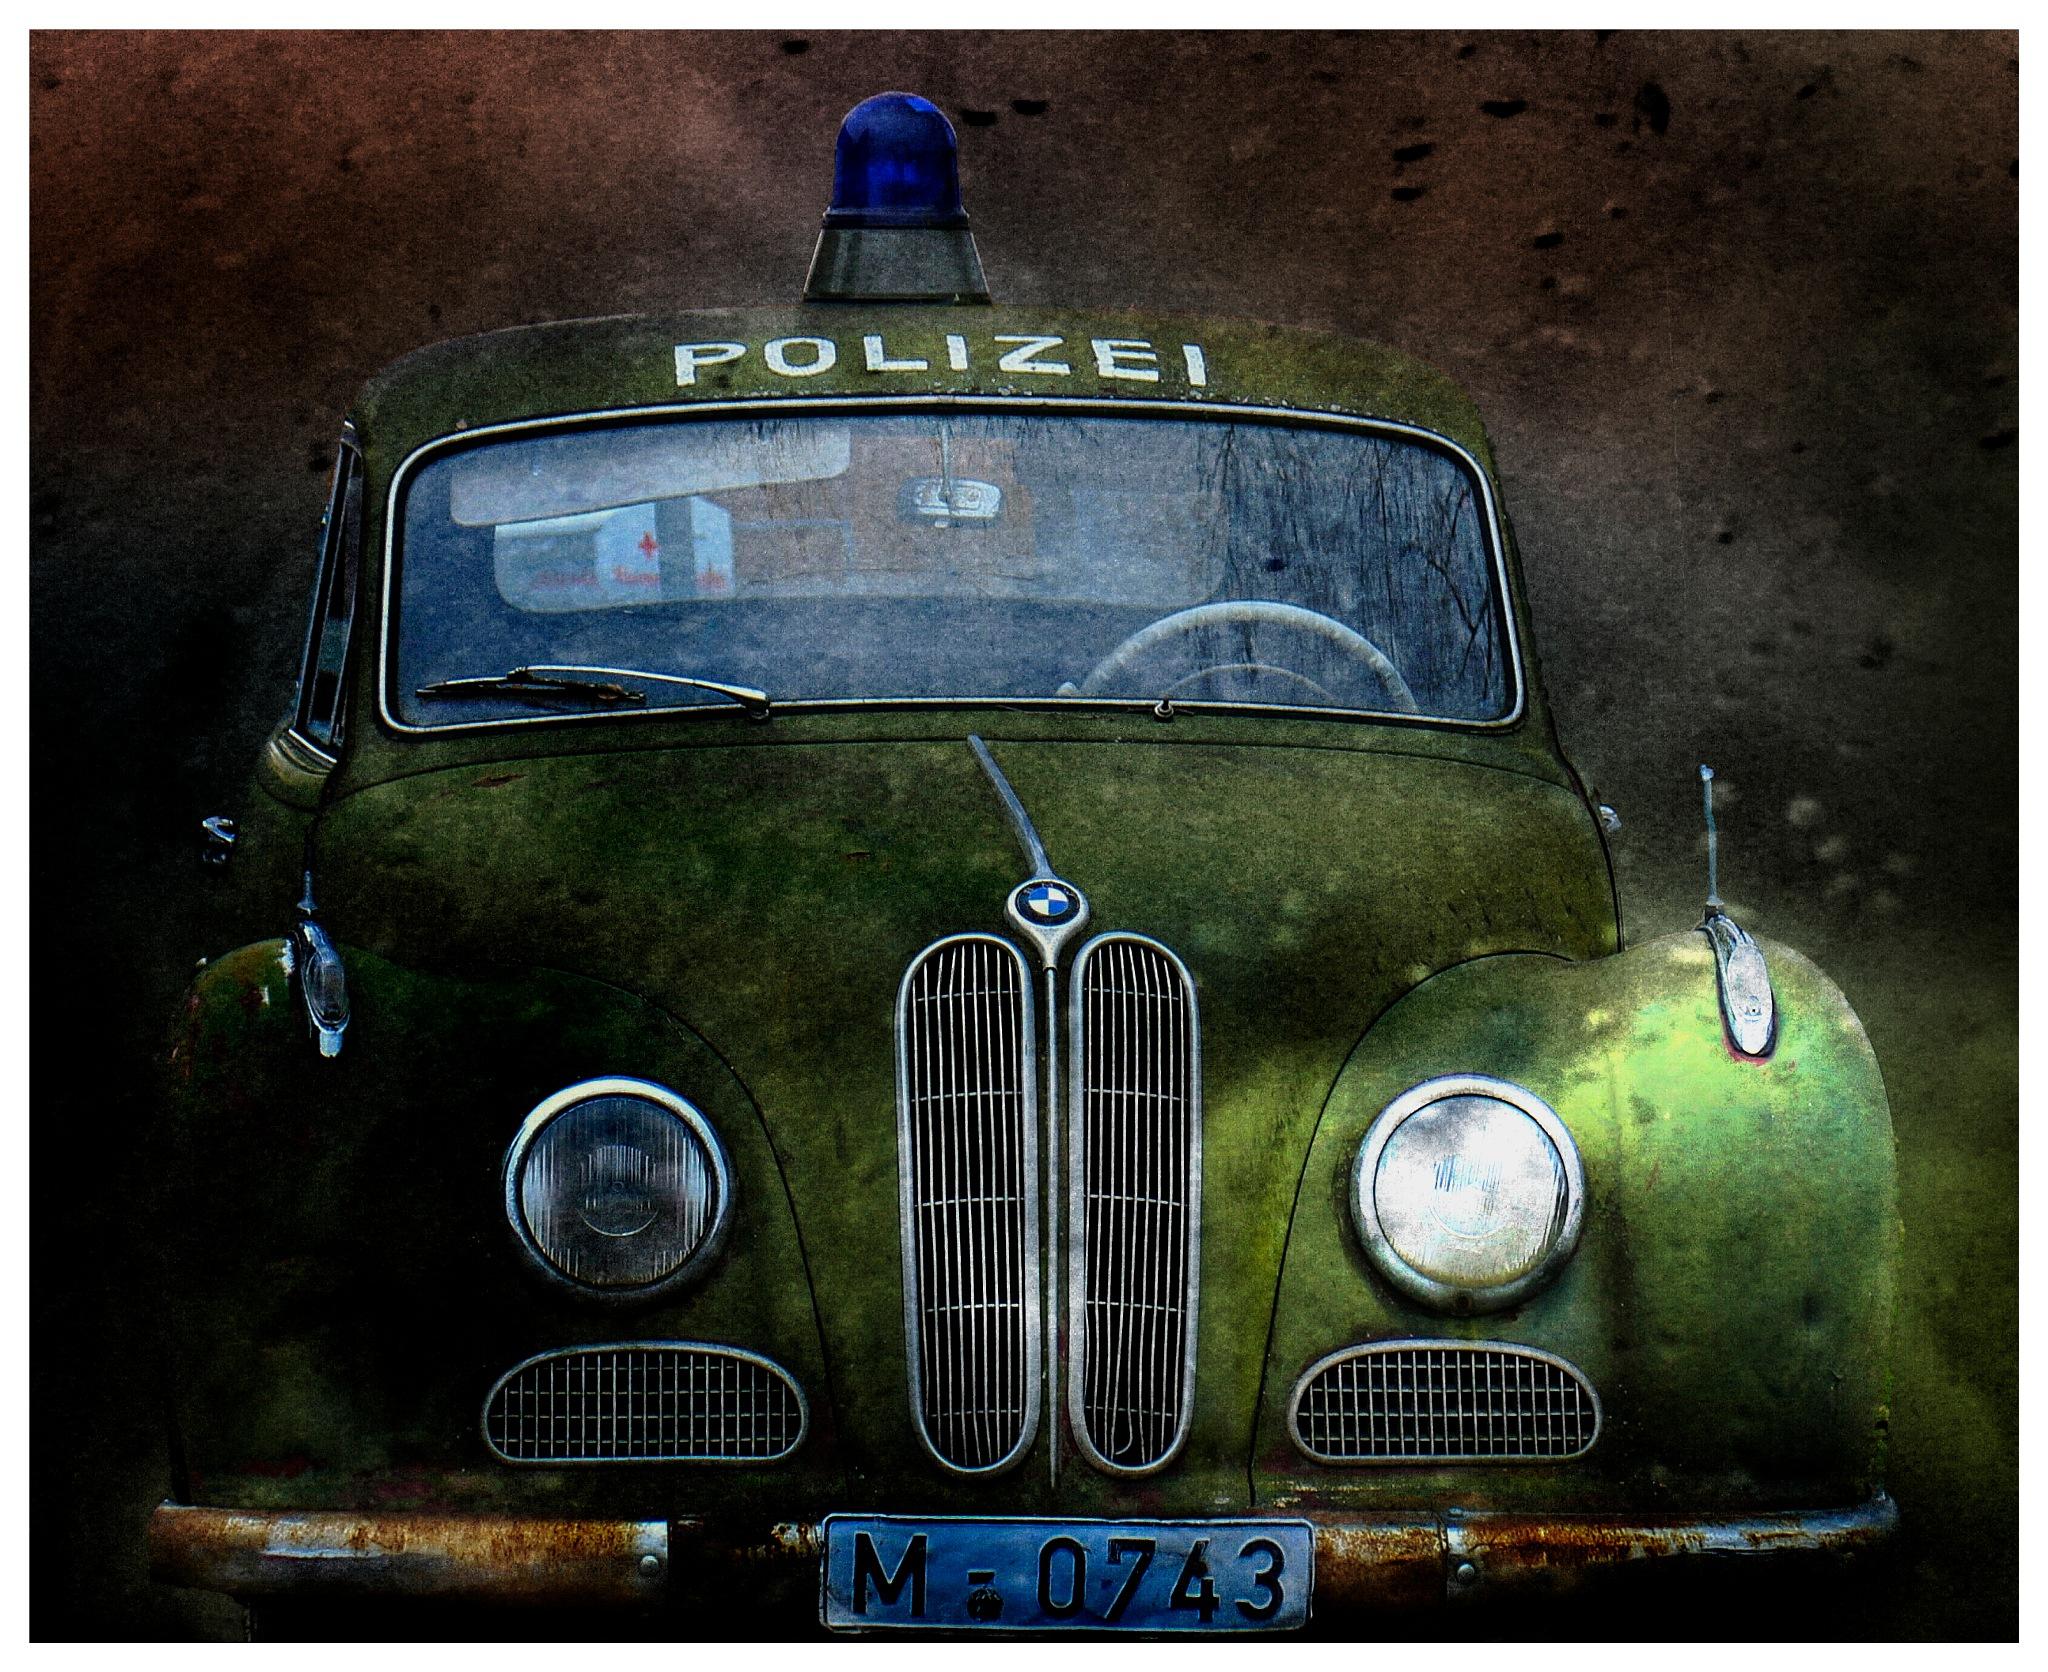 Police Car by Art Tower Brigitte Werner